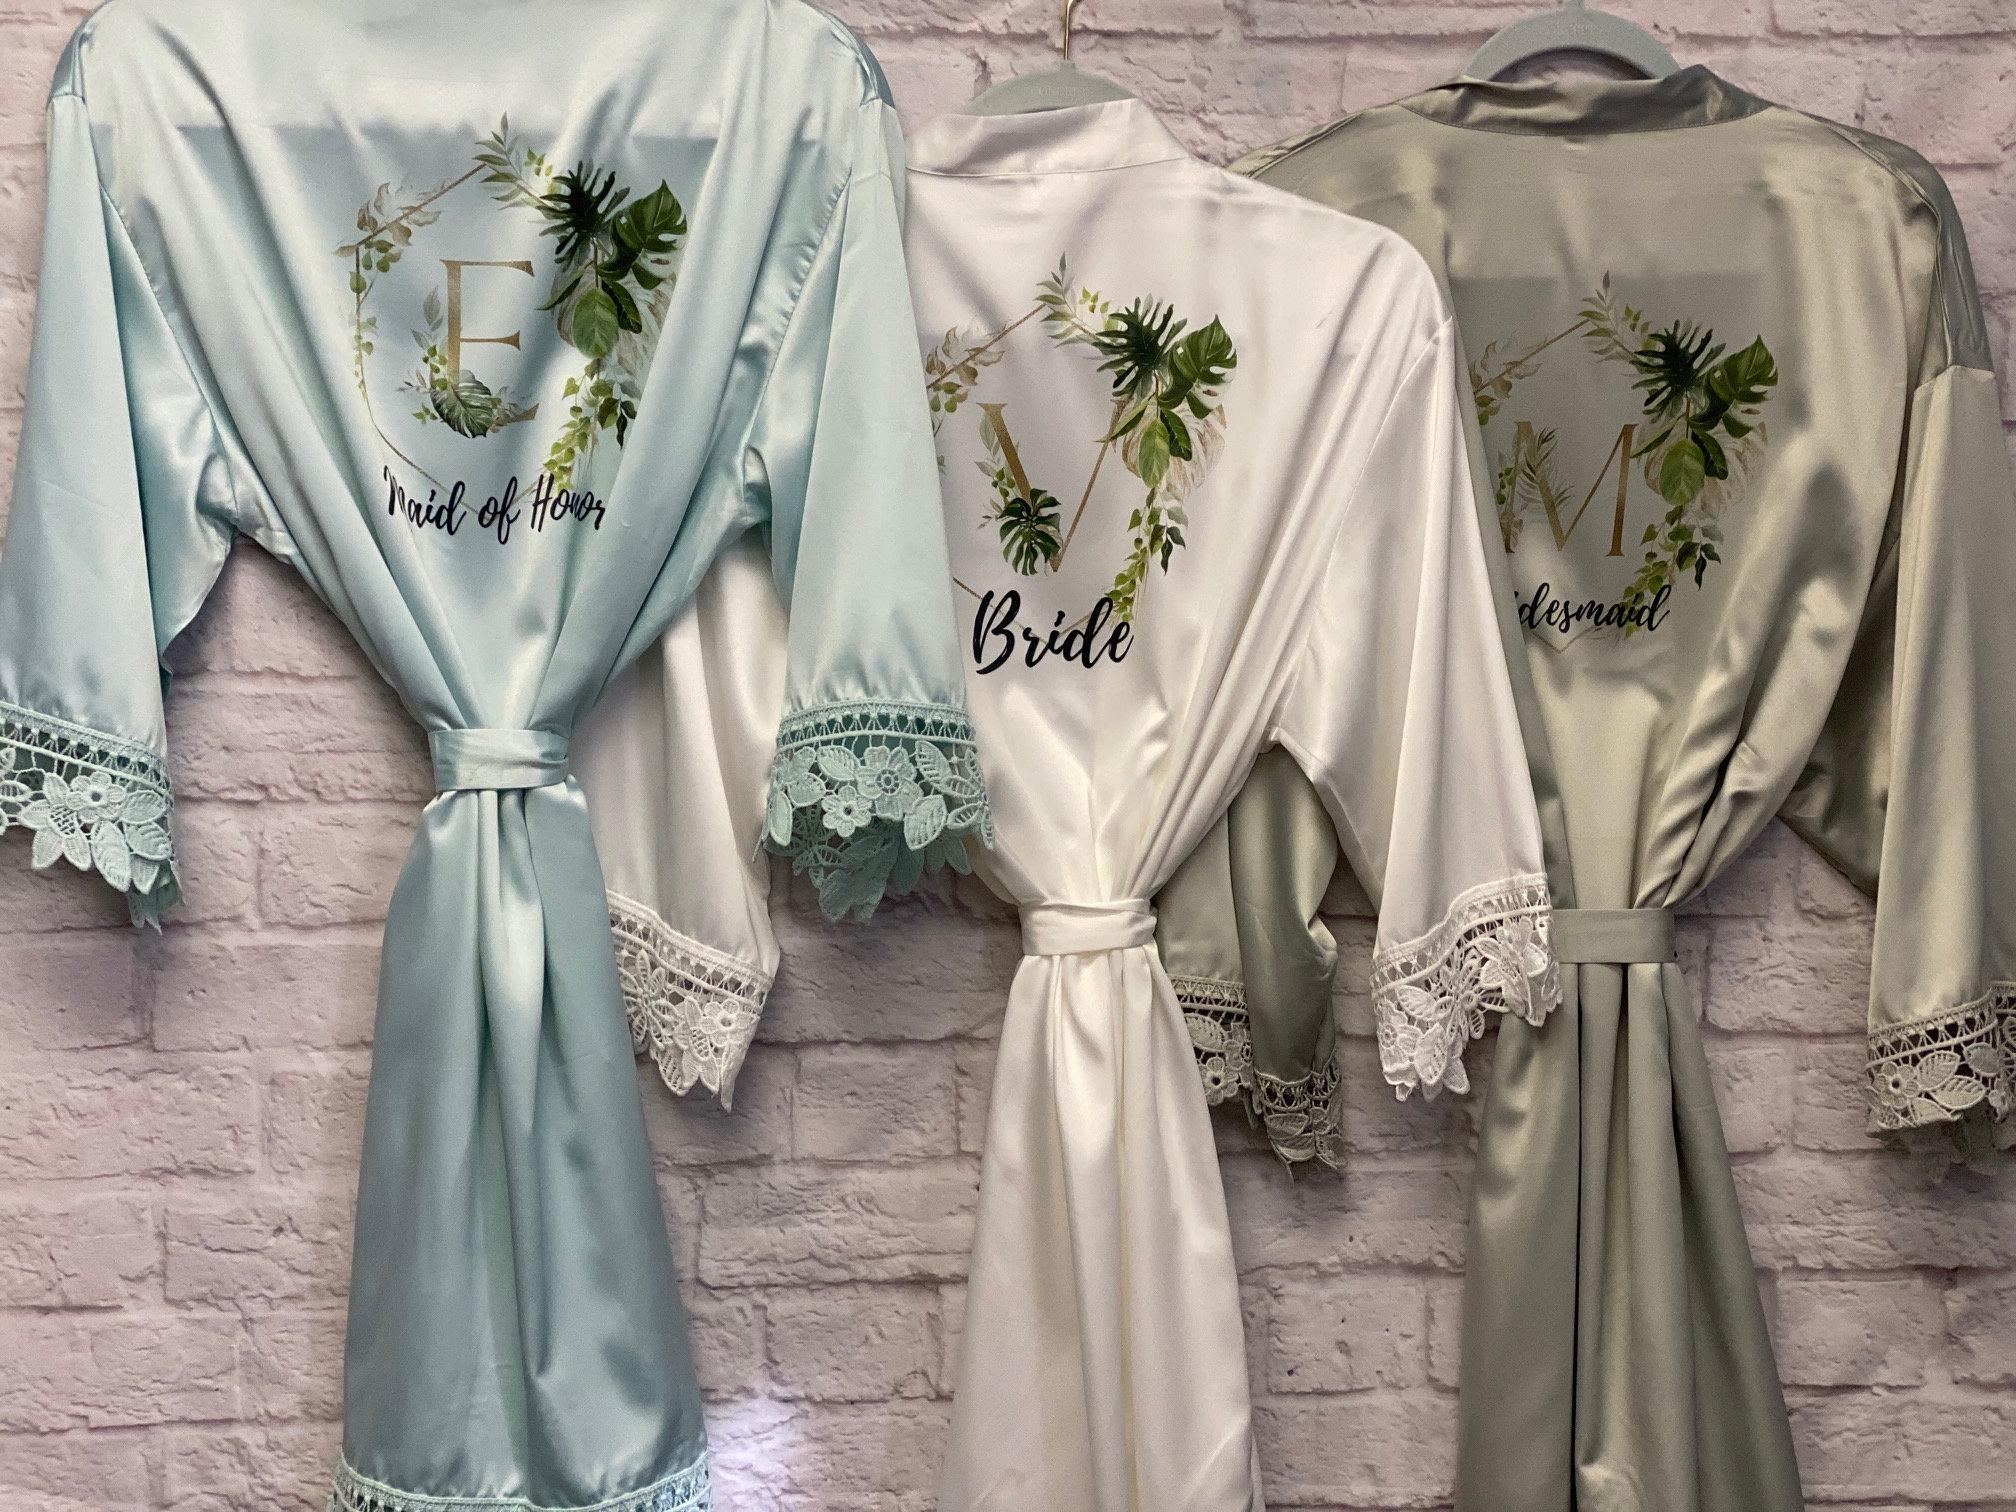 Tropical Wedding Bridal Robes  Bridesmaid Gifts Greenery image 4